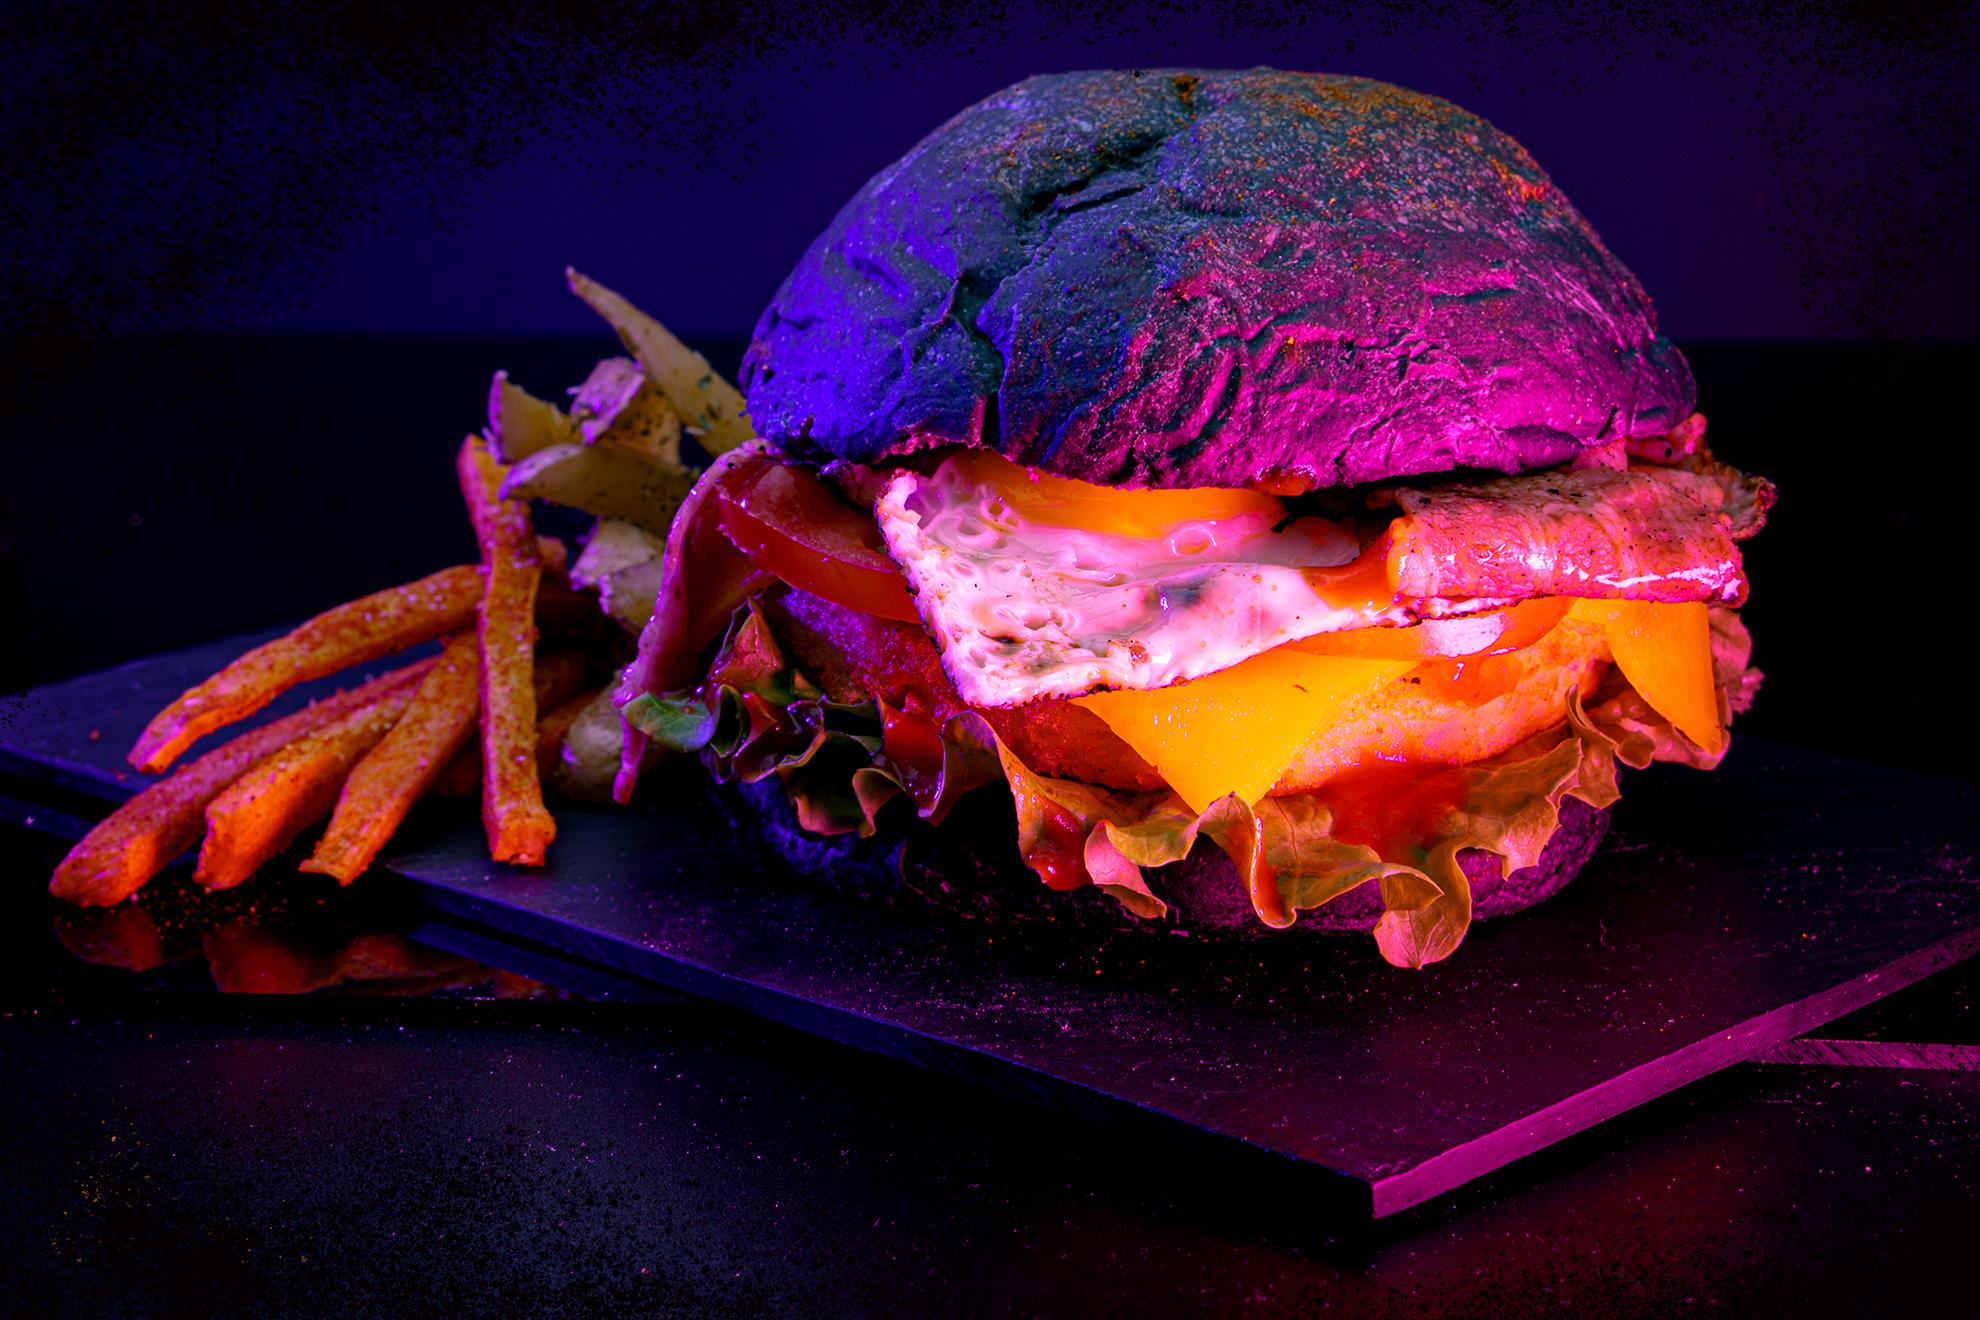 dark mood photographie hamburger antibes